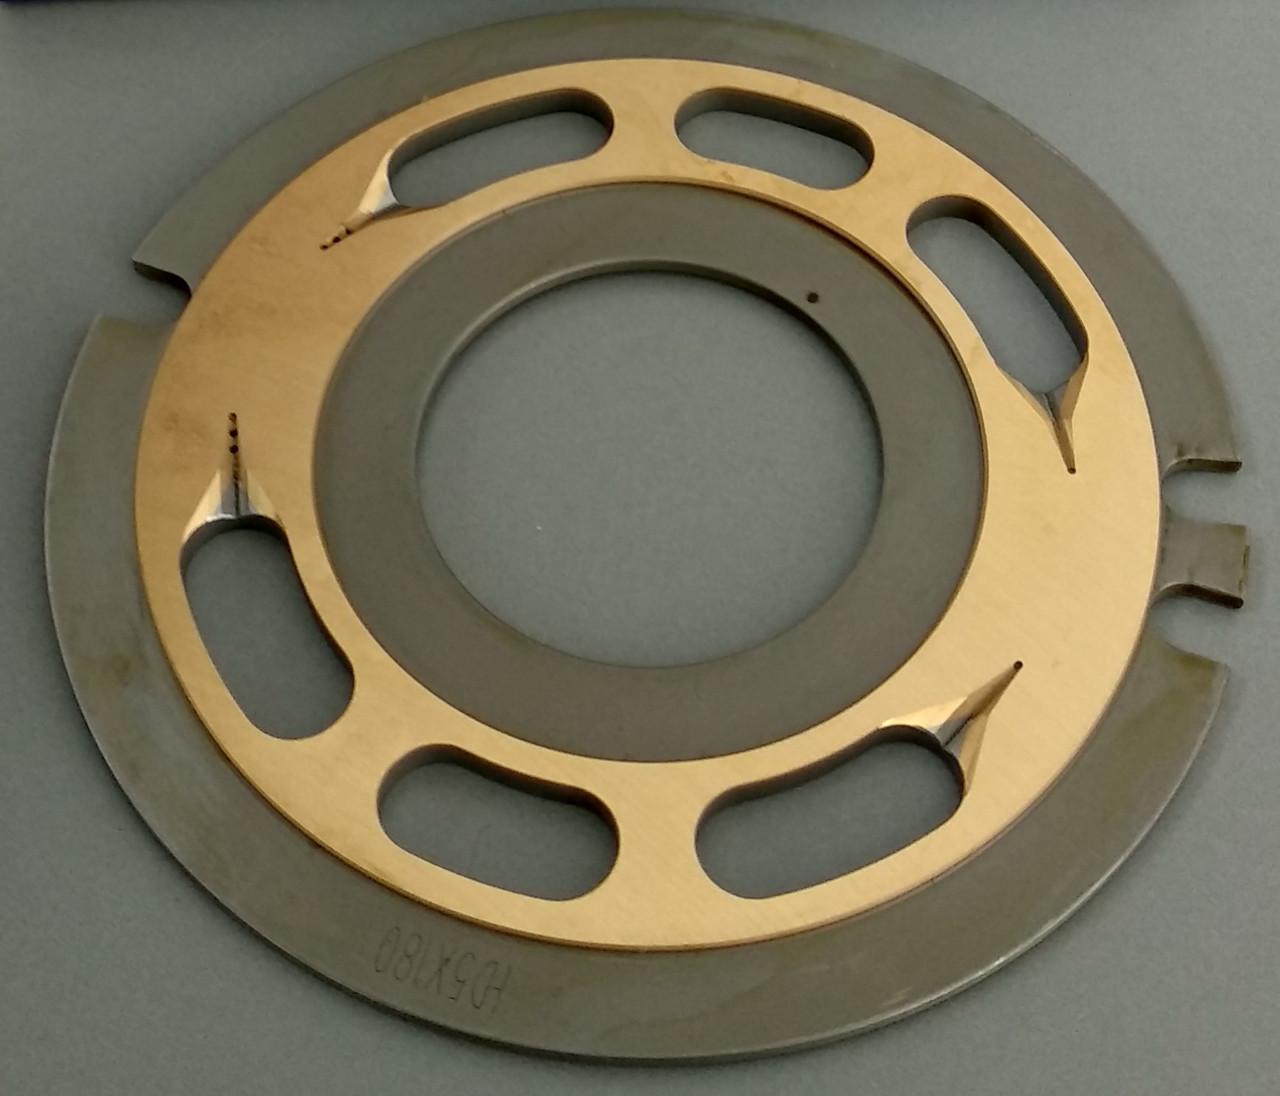 0816210 Распределительная шайба гидромотора поворота Kawasaki M5X180 (гидромотор Hitachi 4621174 / 4616985)